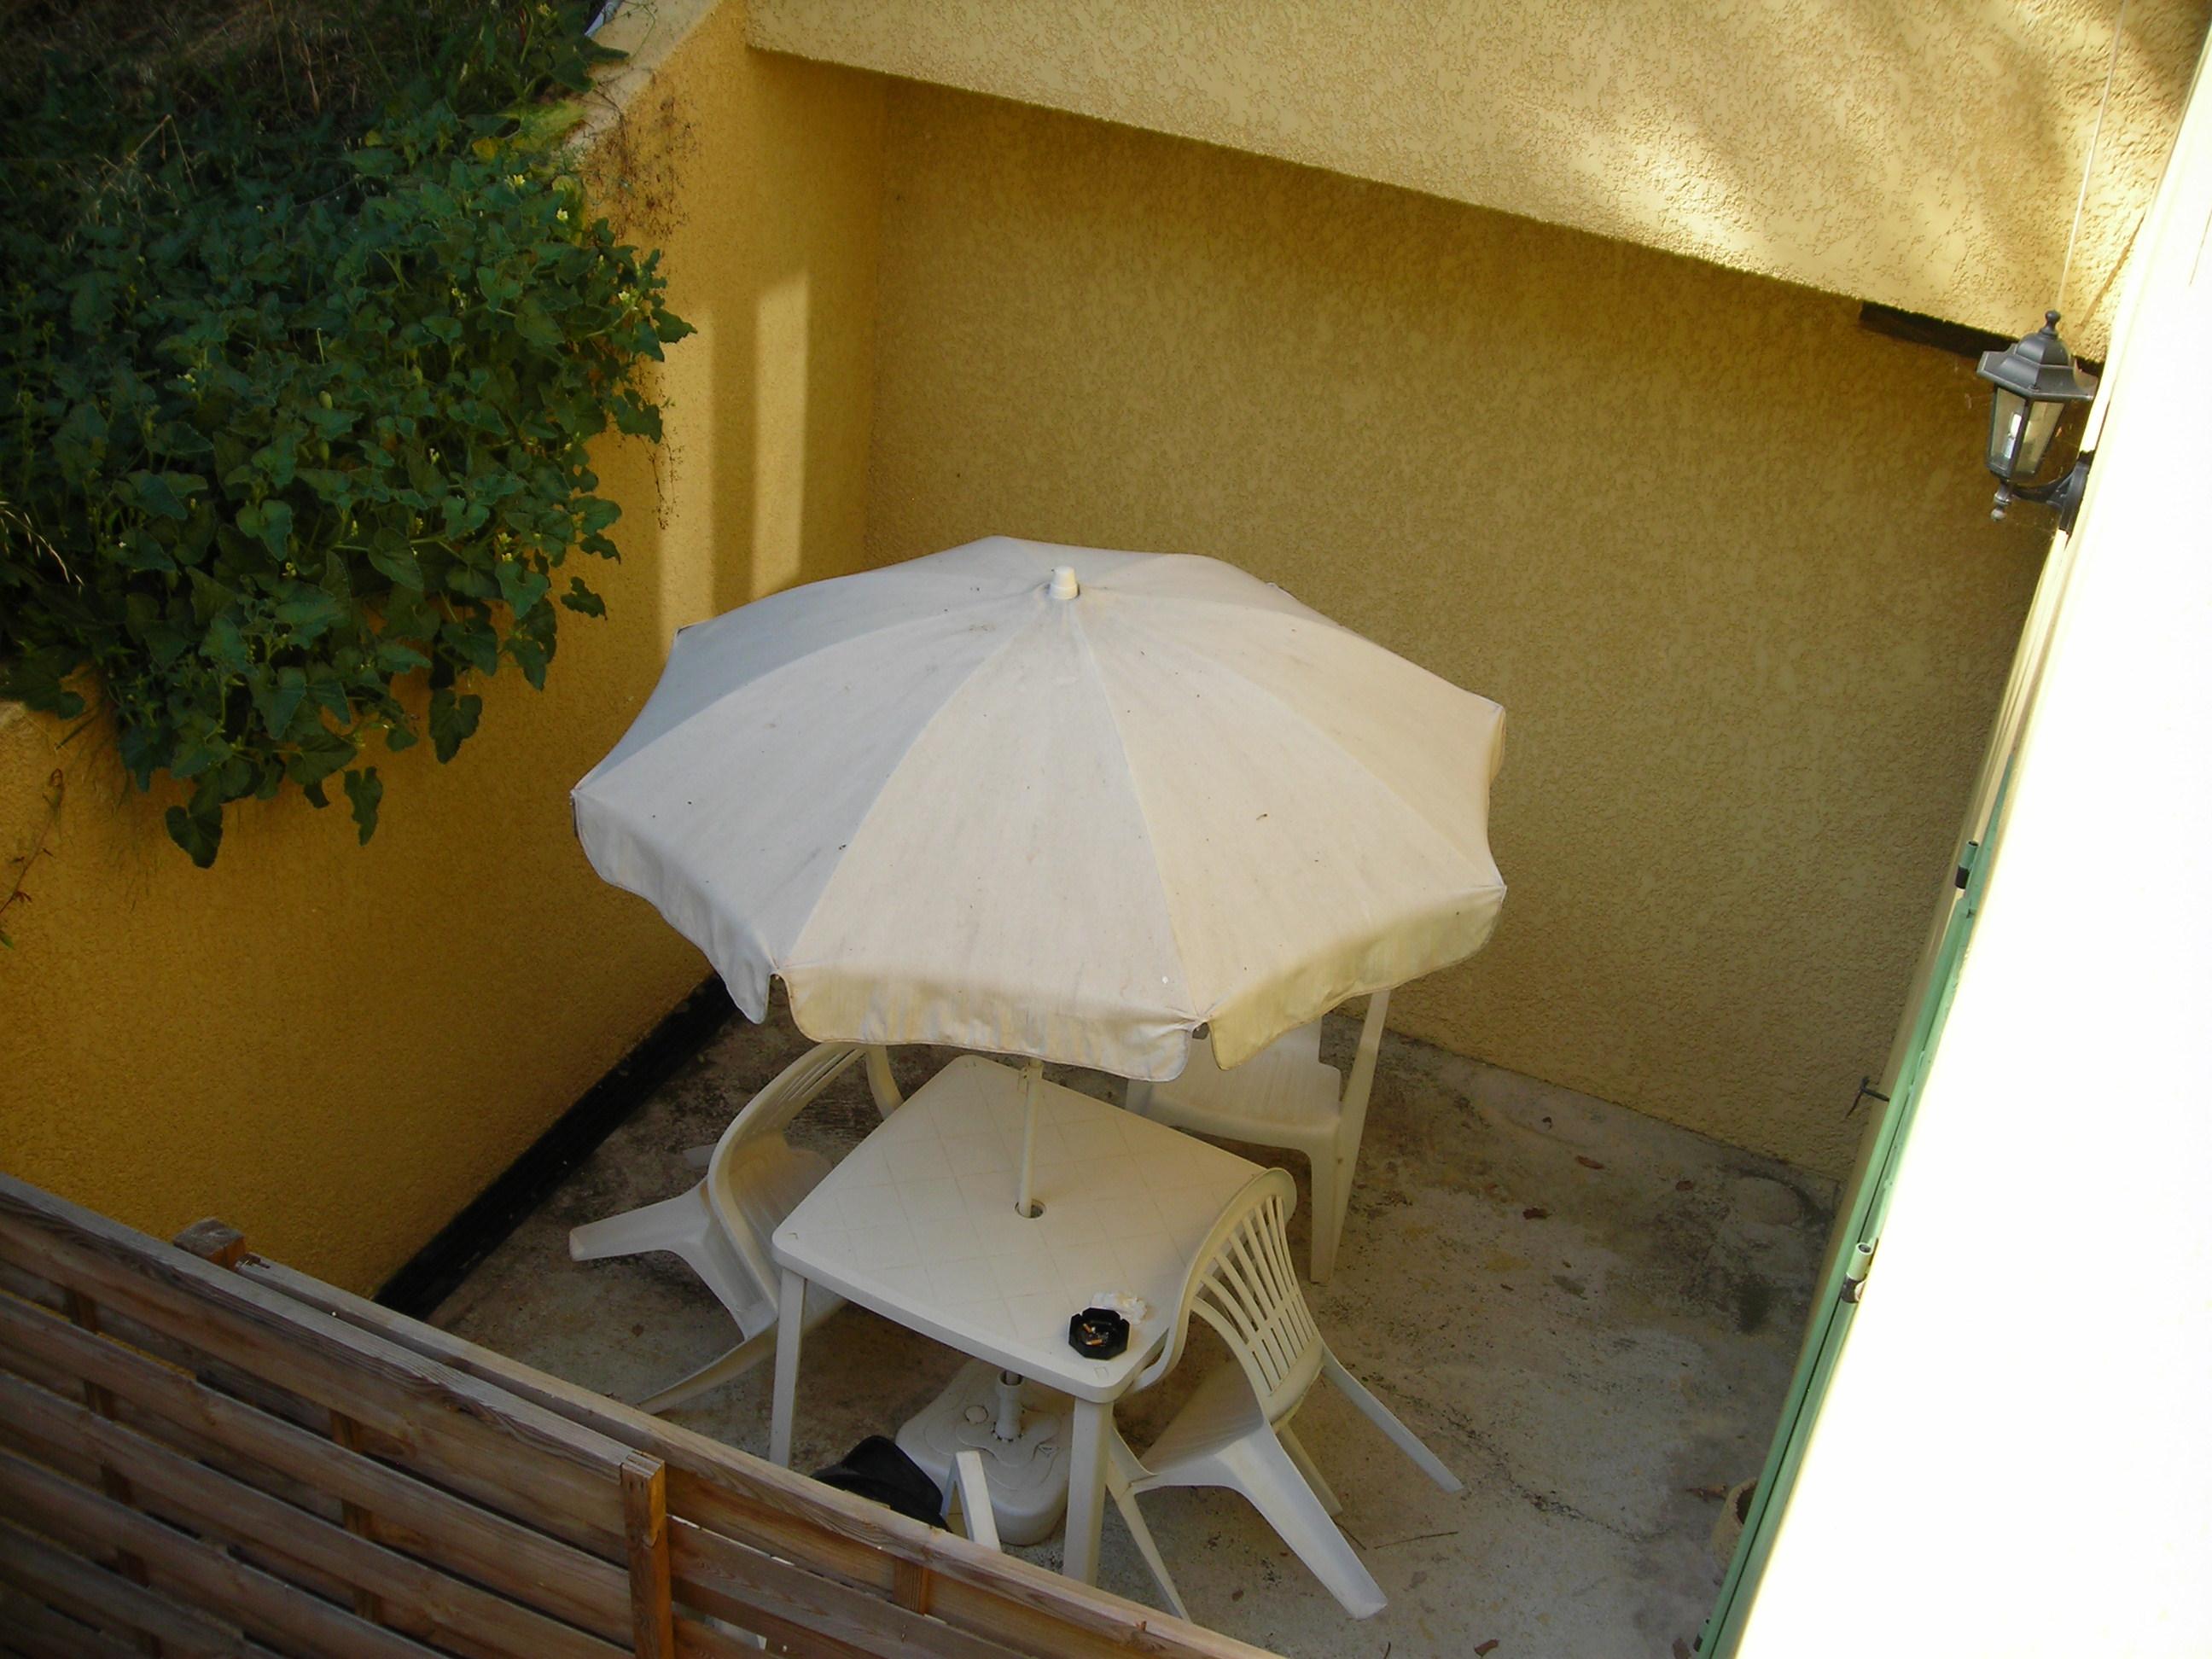 location tudiant loue appartement f2 meubl pour tudiant avec internet par wifi gratuit et. Black Bedroom Furniture Sets. Home Design Ideas